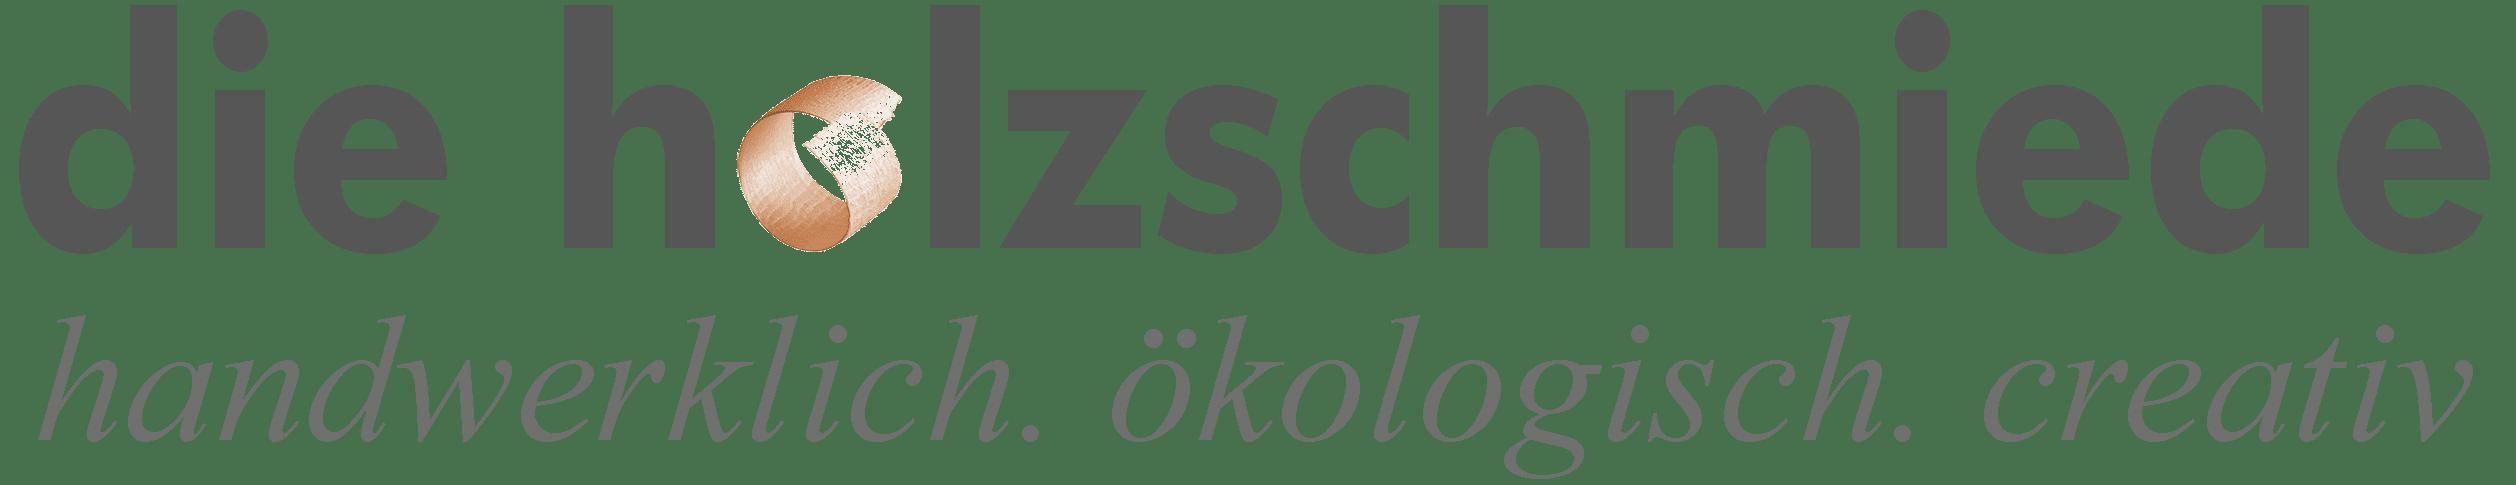 Hlzschmiede Logo